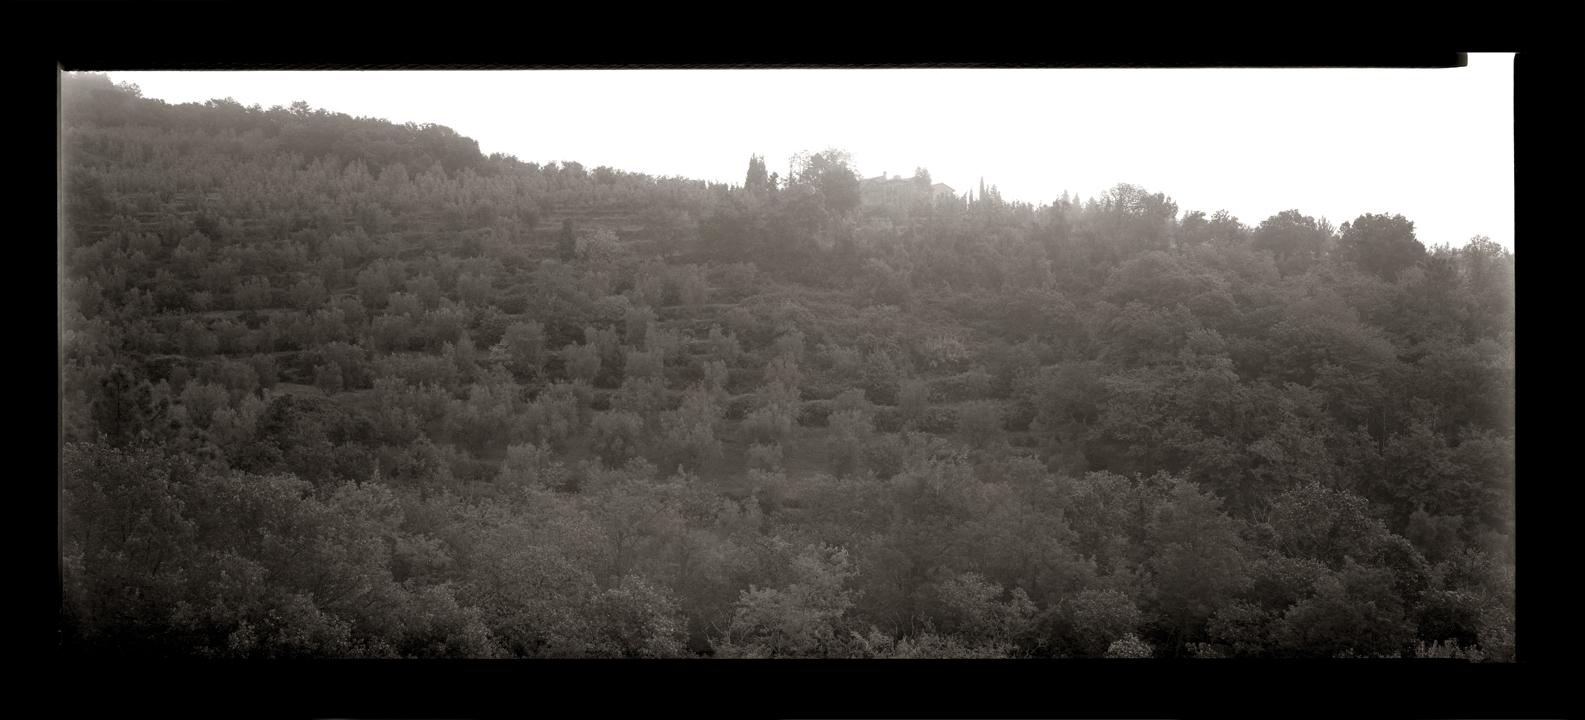 """Cykl """"Panoramiczny dziennik podróżny: """"Vinci, Toscana, 2006"""", fot. Andrzej Jerzy Lech"""